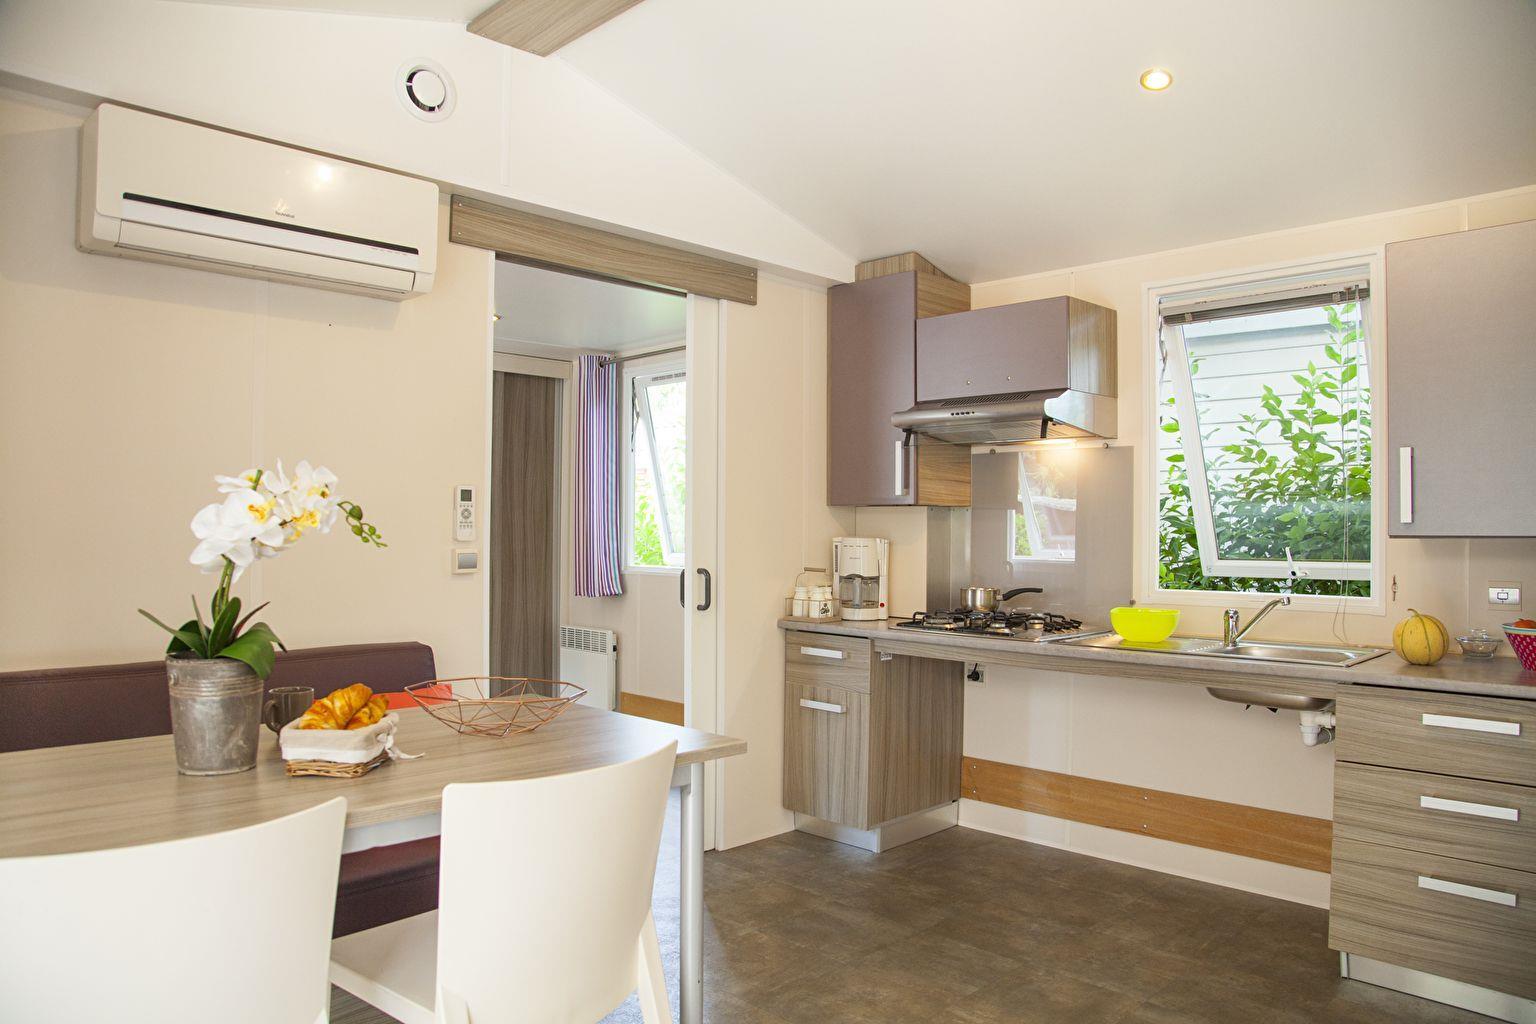 Location - Cottage 2 Chambres *** Adapté Aux Personnes À Mobilité Réduite - Camping Sandaya Riviera d'Azur